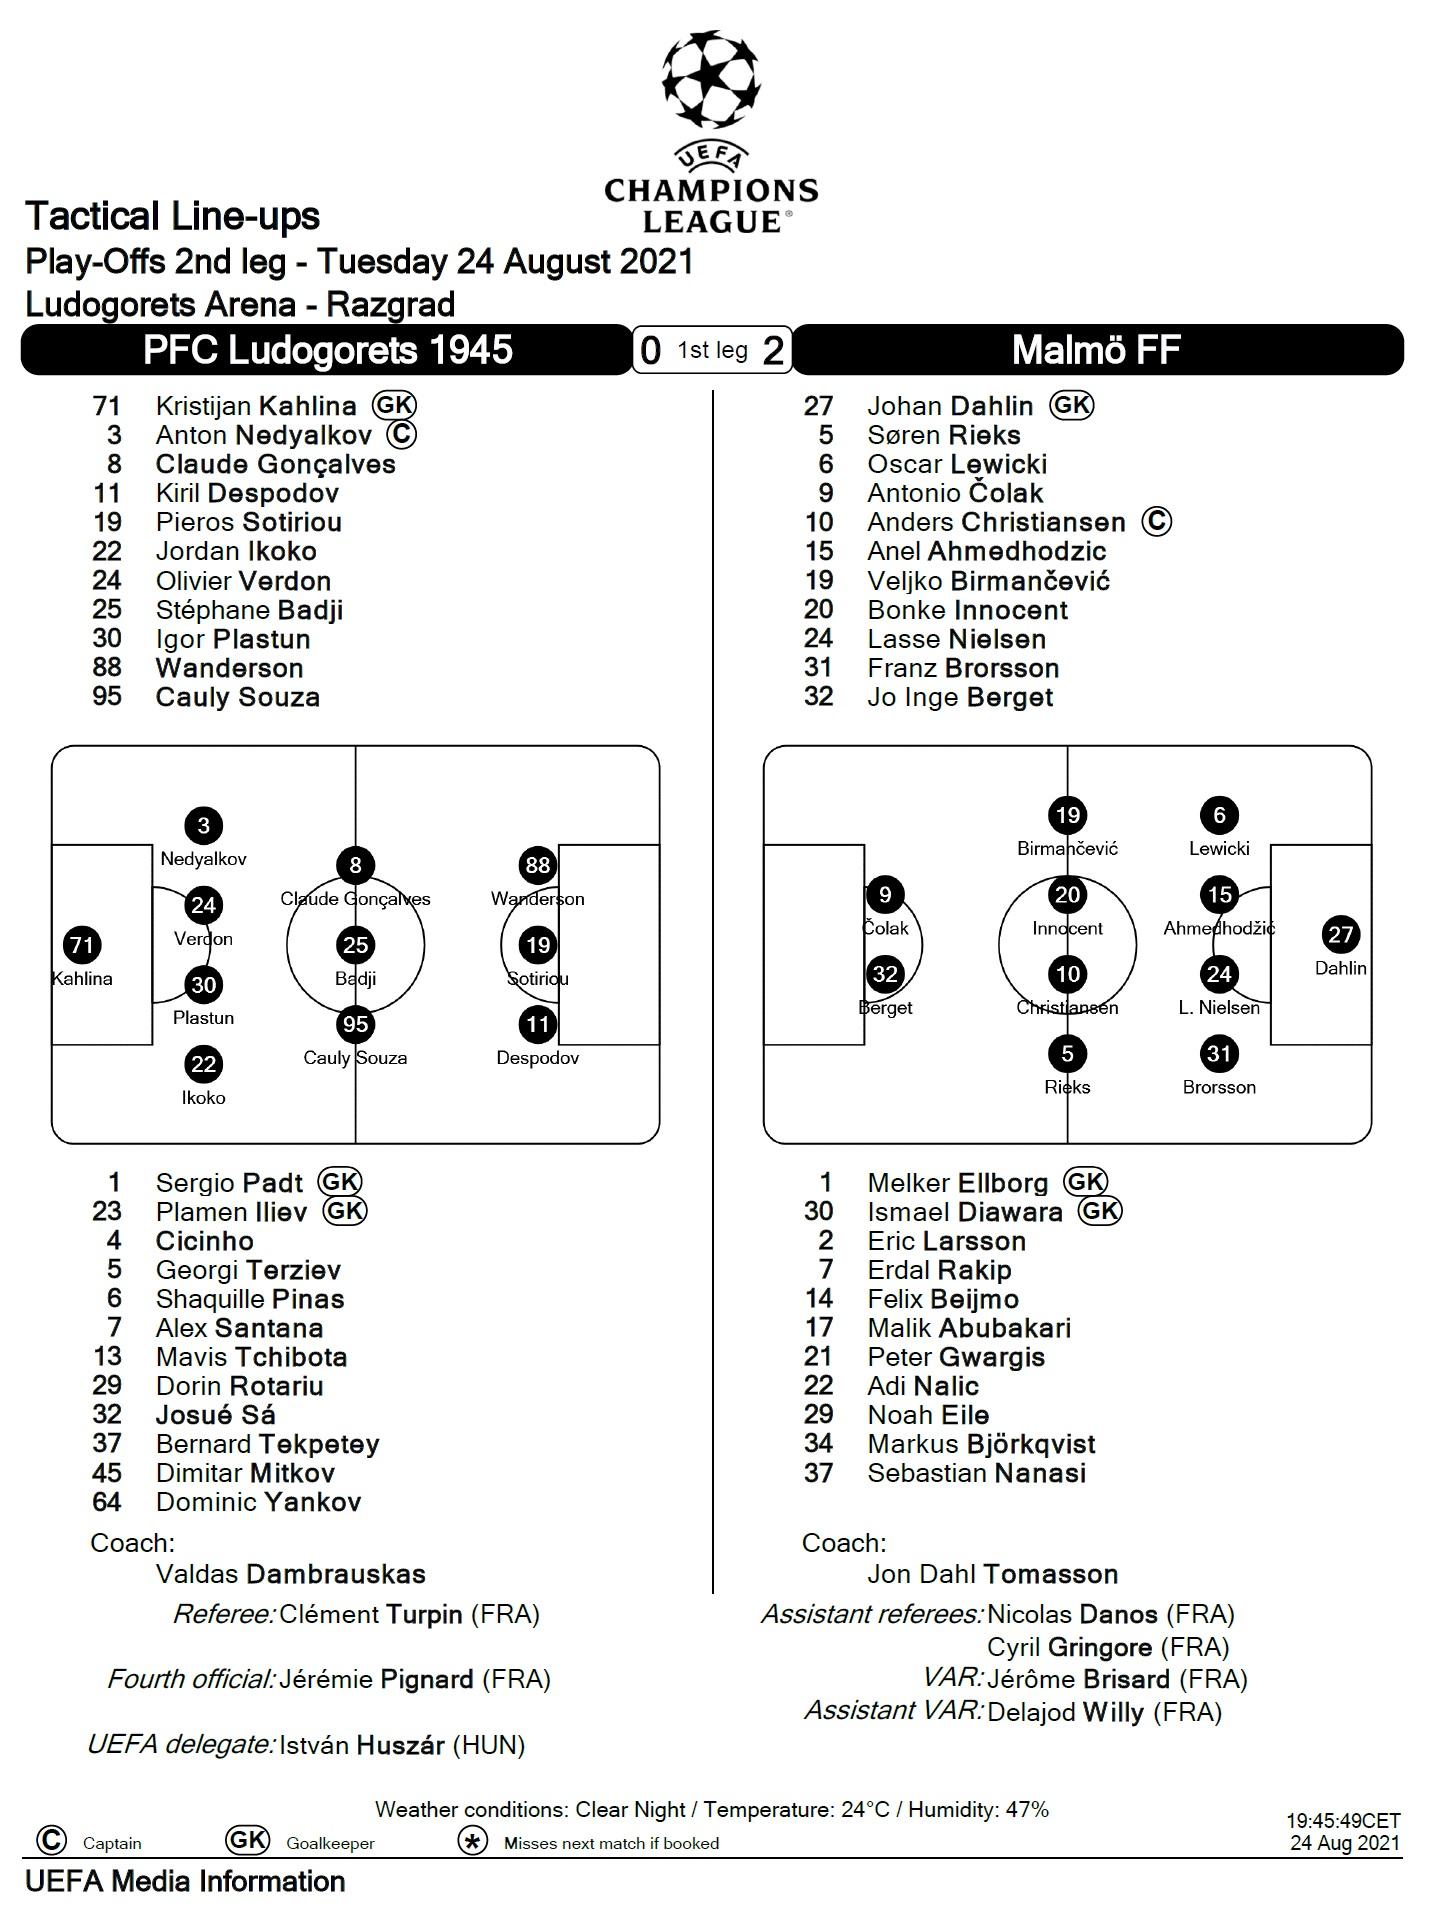 Лудогорец (Болгария) - Мальмё ФФ (Швеция) 2:1